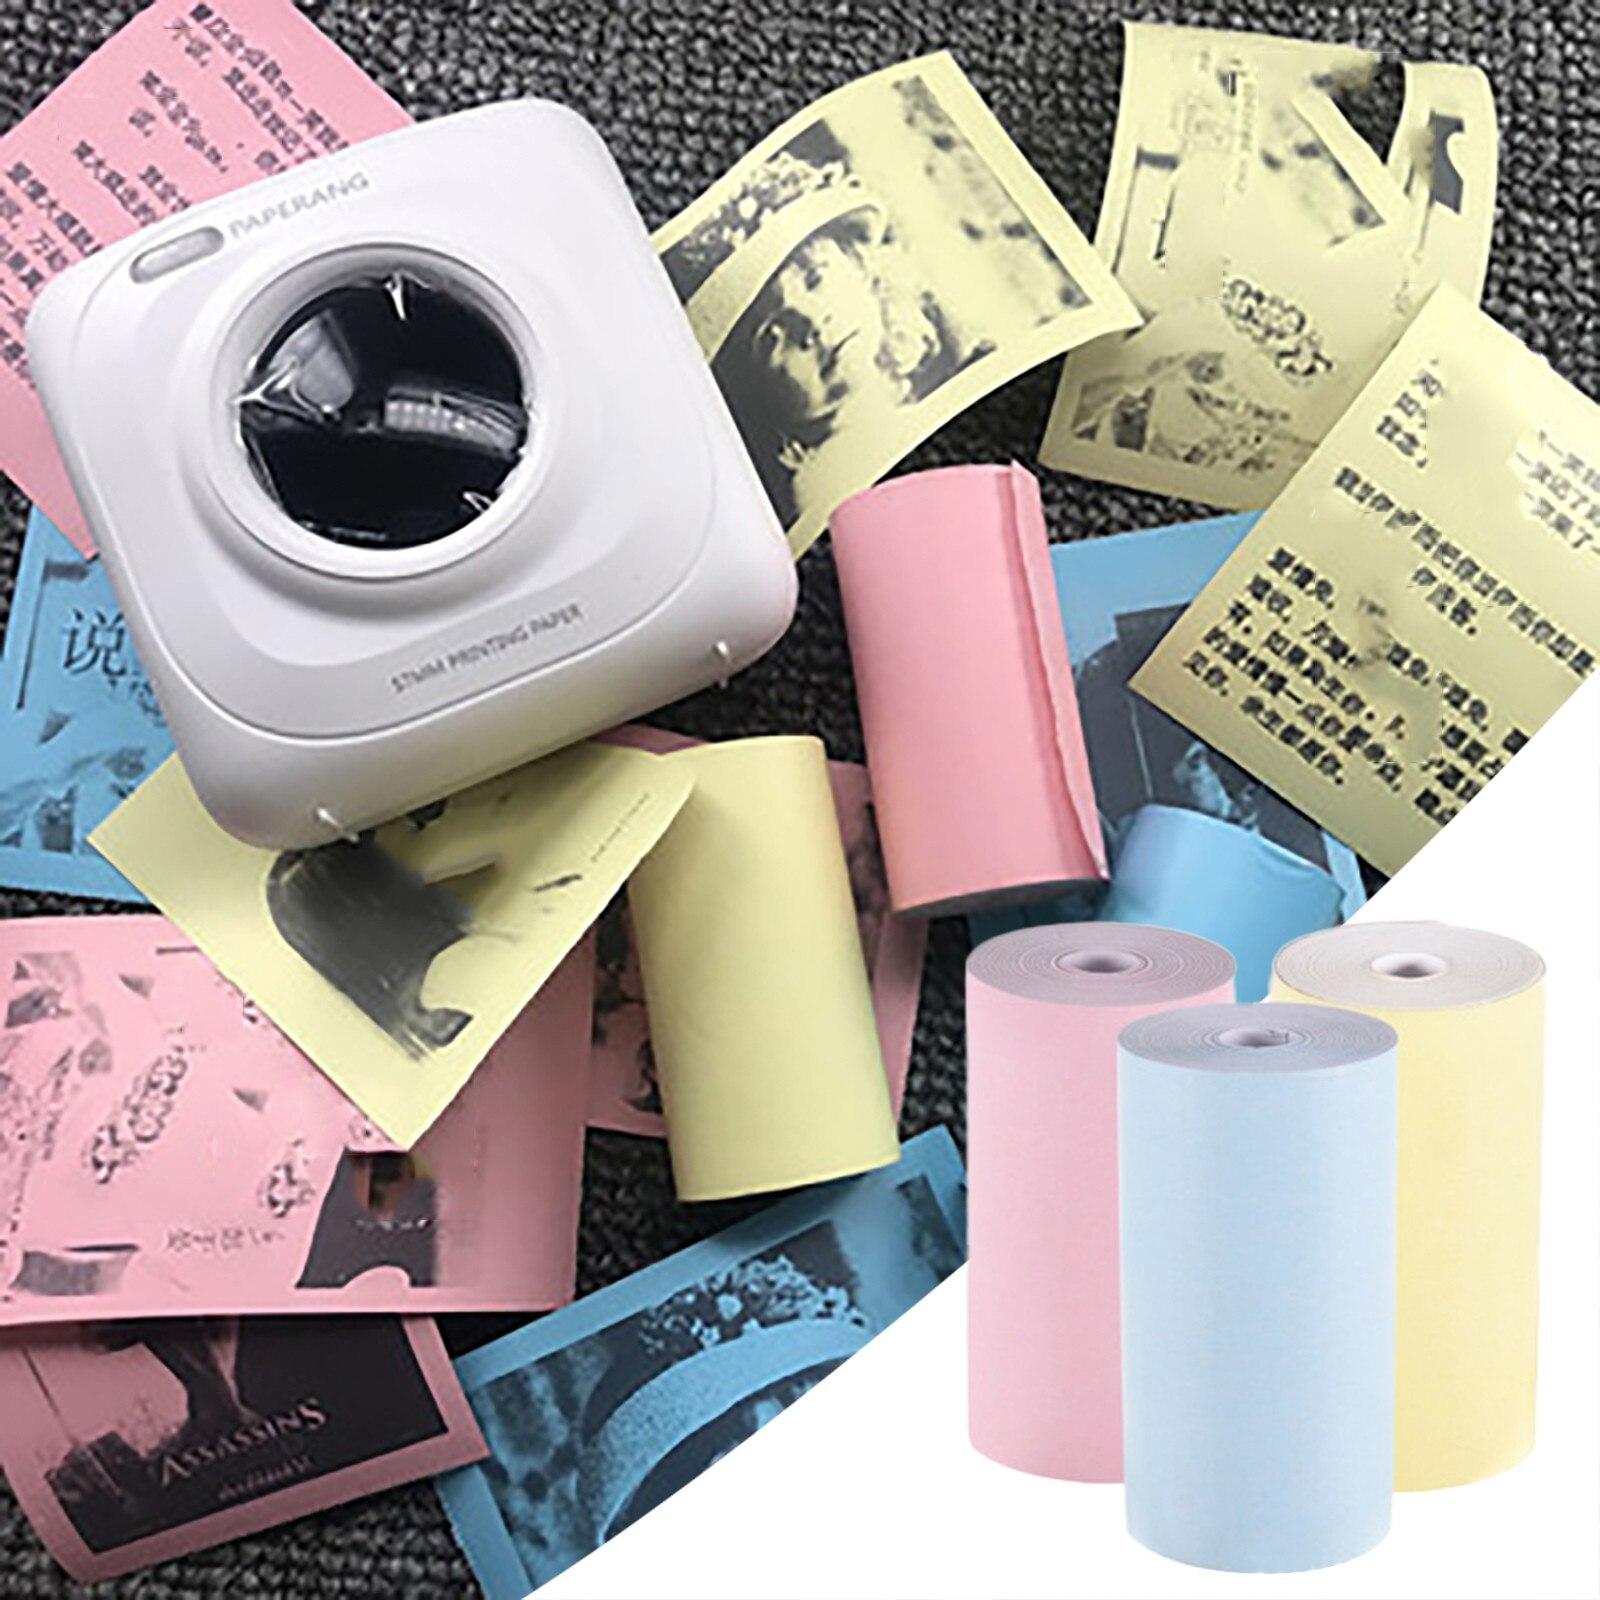 3-rotoli-57-30mm-adesivo-per-etichette-in-carta-termica-adesivo-per-carta-fotografica-a-colori-per-peripage-paperang-mini-stampante-fotografica-p45